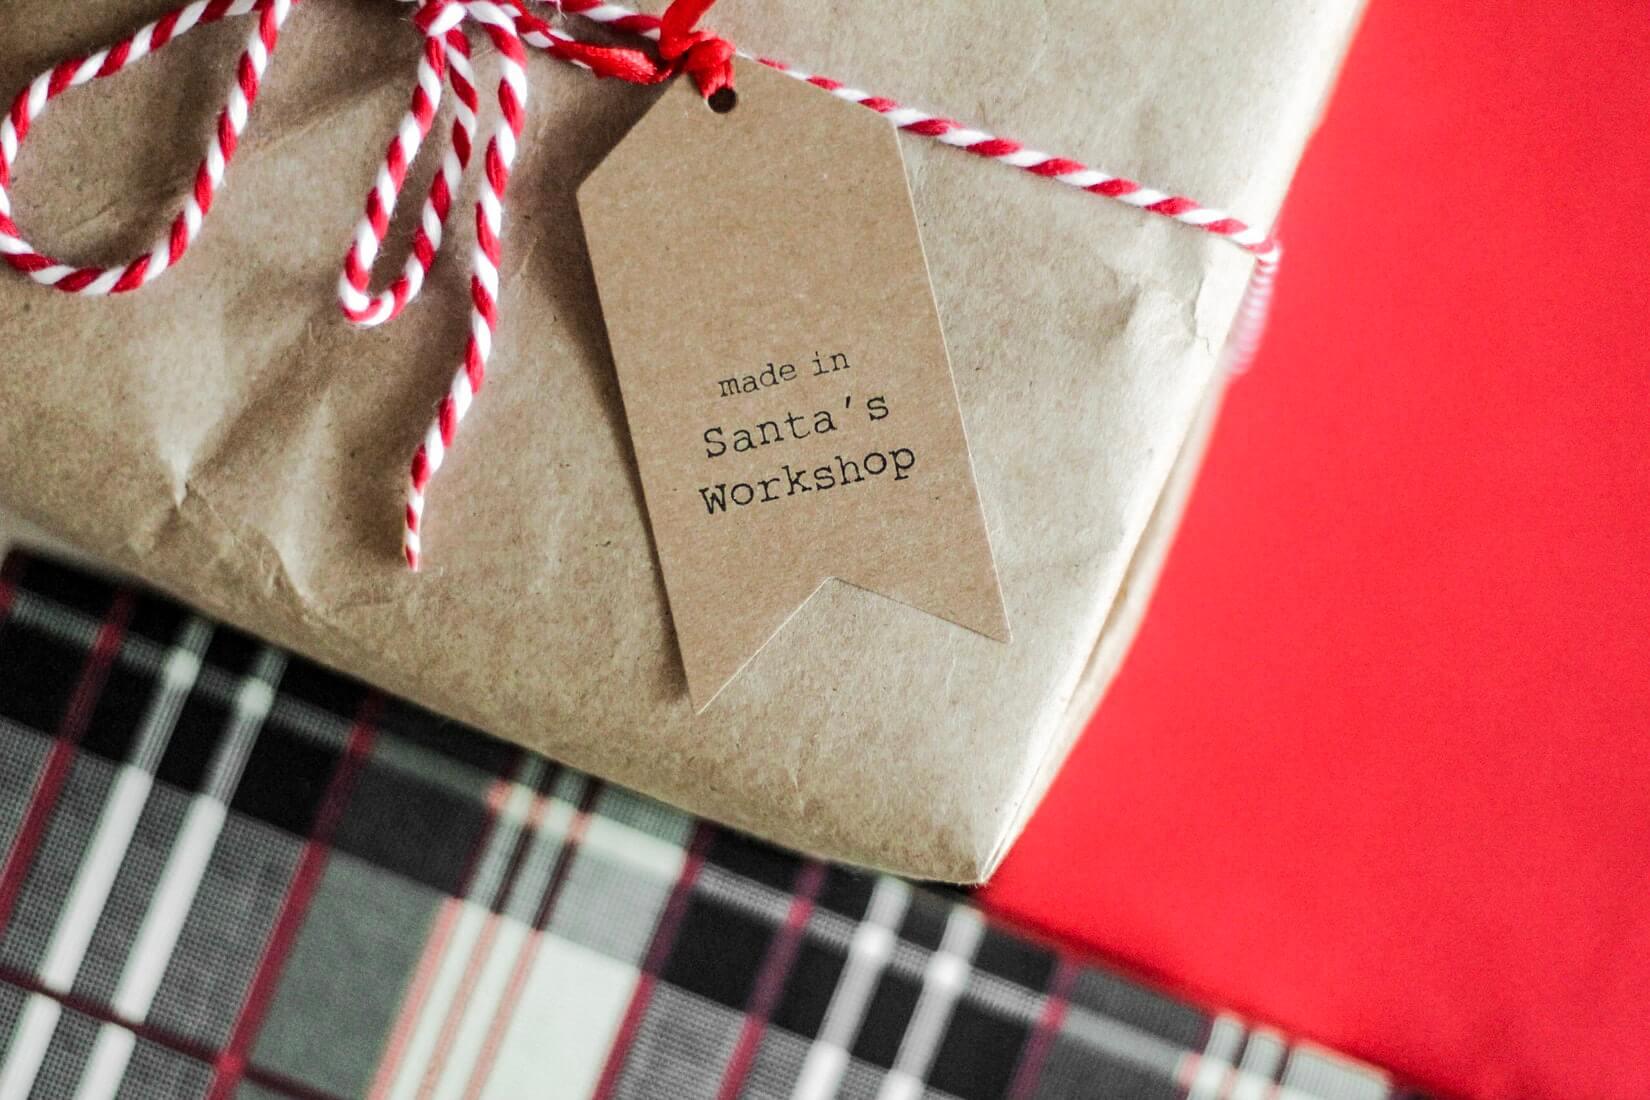 Regalos de Navidad Originales para Expats